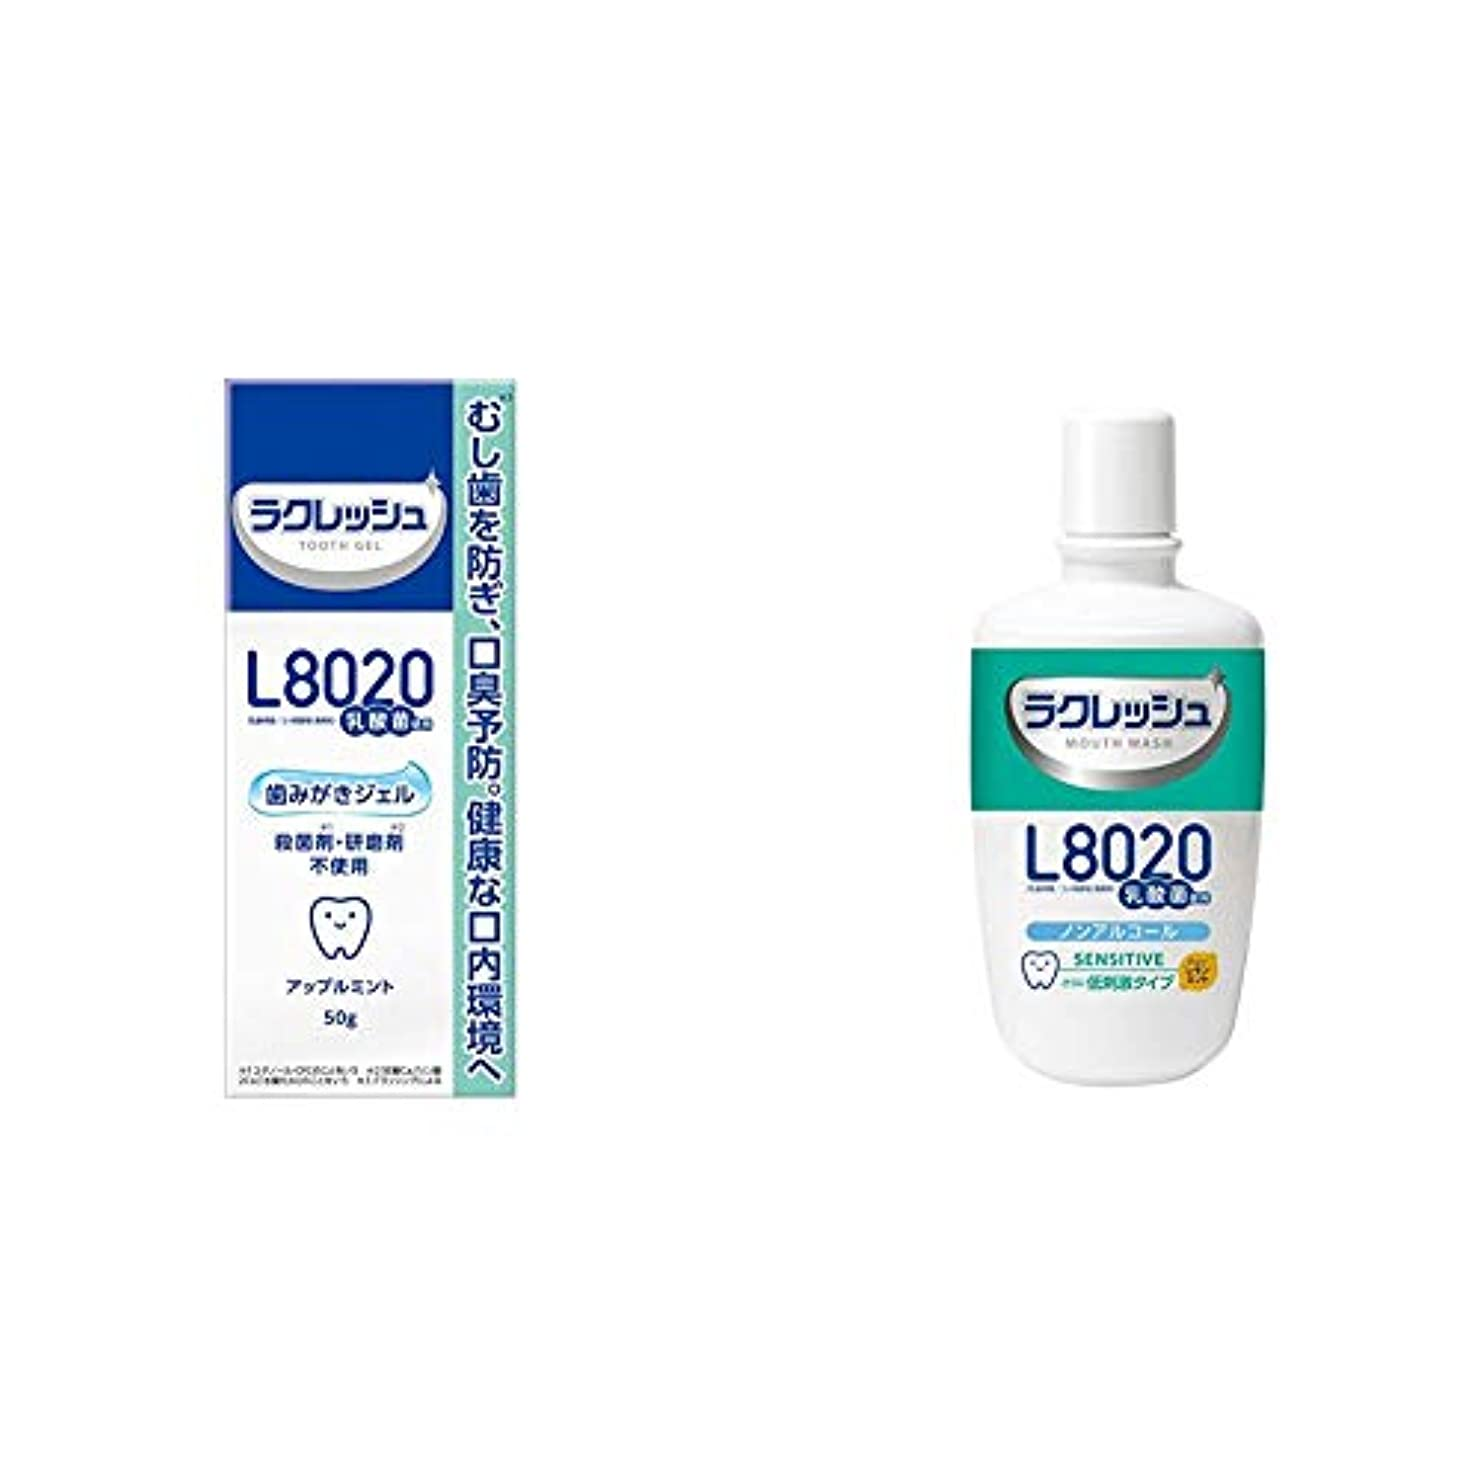 フェッチ取り組むオリエンテーションジェクス L8020 ラクレッシュ 歯みがきジェル 50g & L8020乳酸菌 ラクレッシュ センシティブ 洗口液 300mL